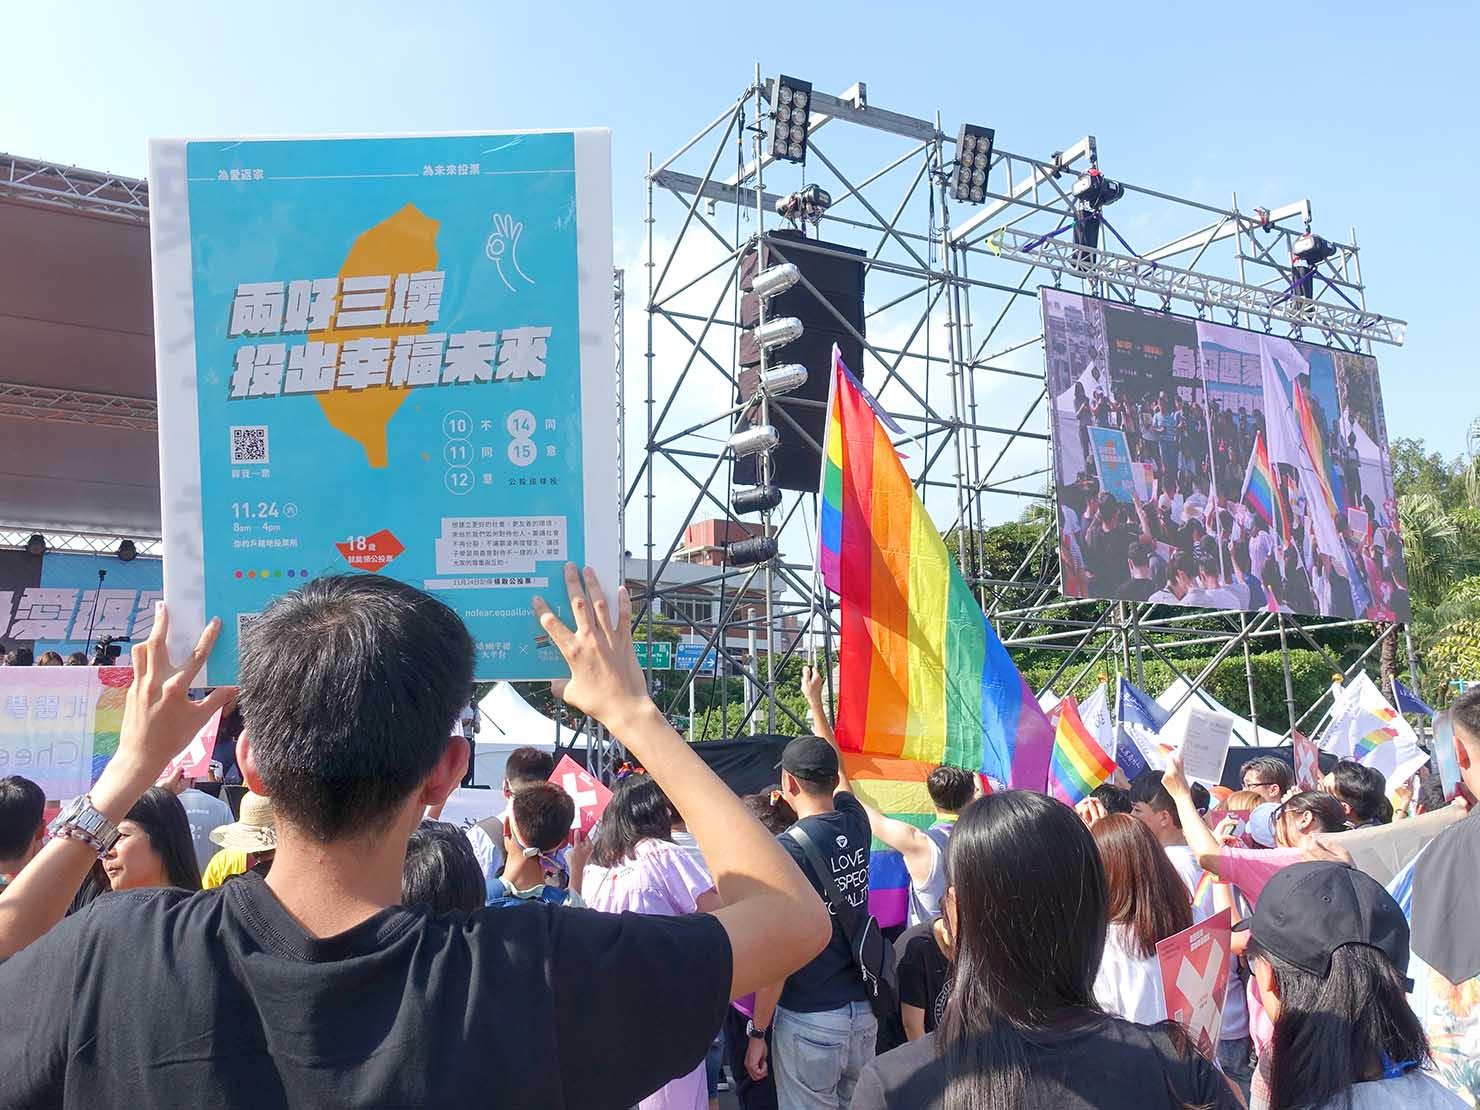 台湾のLGBT音楽イベント『為愛返家音樂會』の会場で掲げられた兩好三壞プラカード